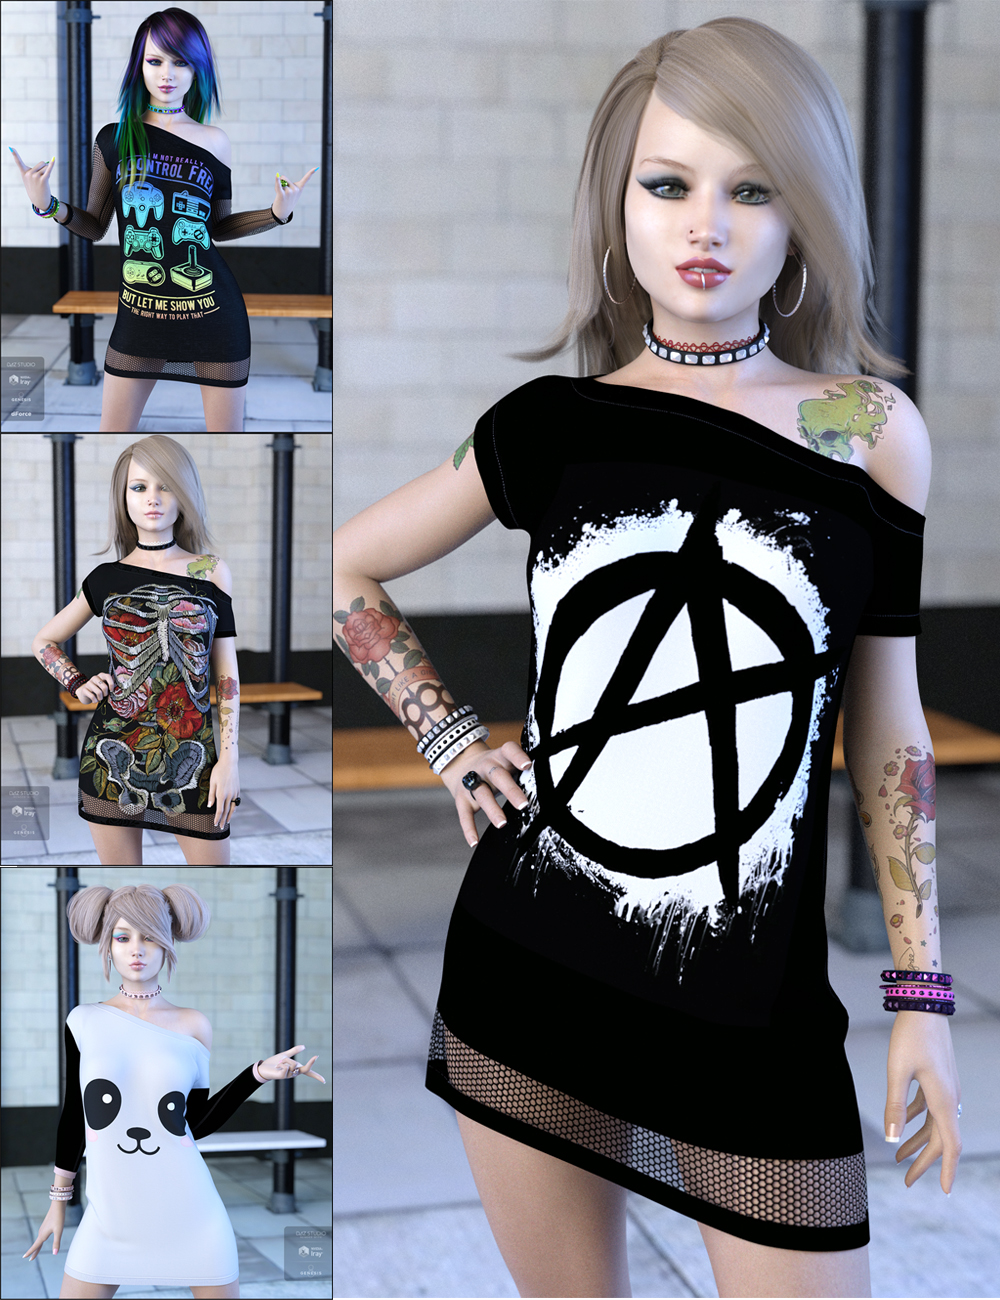 Attitude Bundle by: JessaiiDemonicaEvilius, 3D Models by Daz 3D